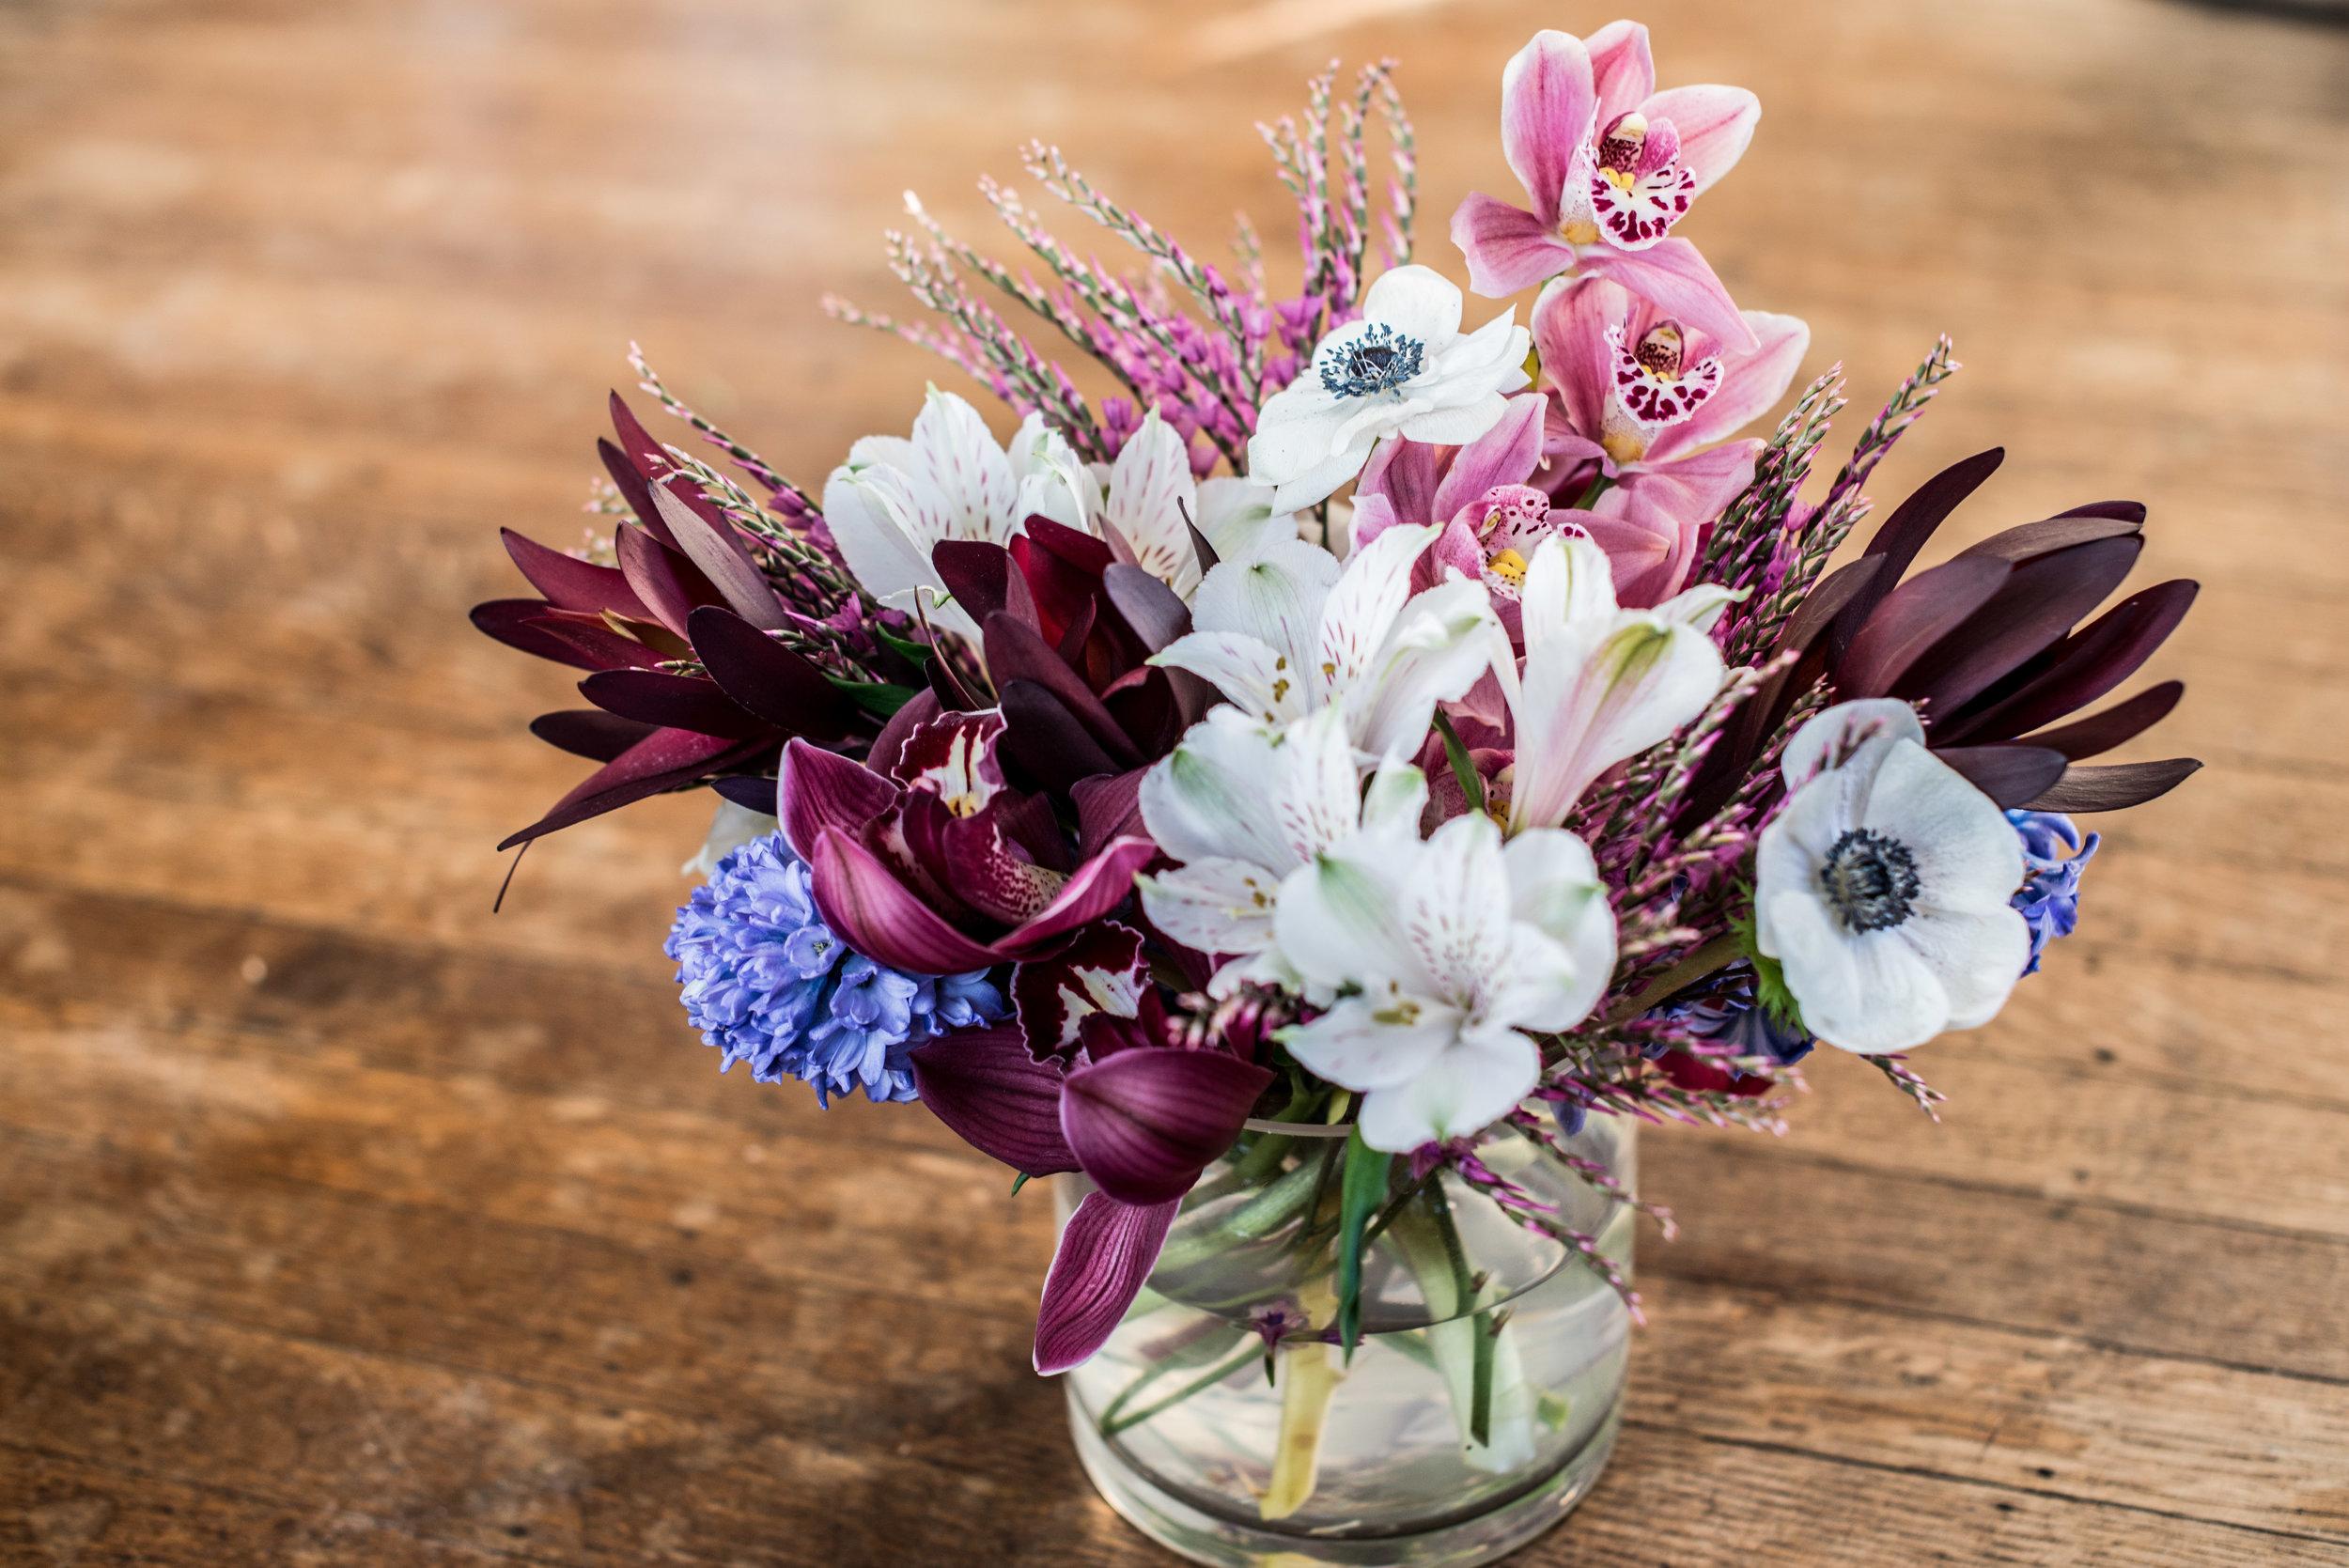 Ephemera Designs Floral Photography of white, pink, and dark magenta flower arrangement in vase